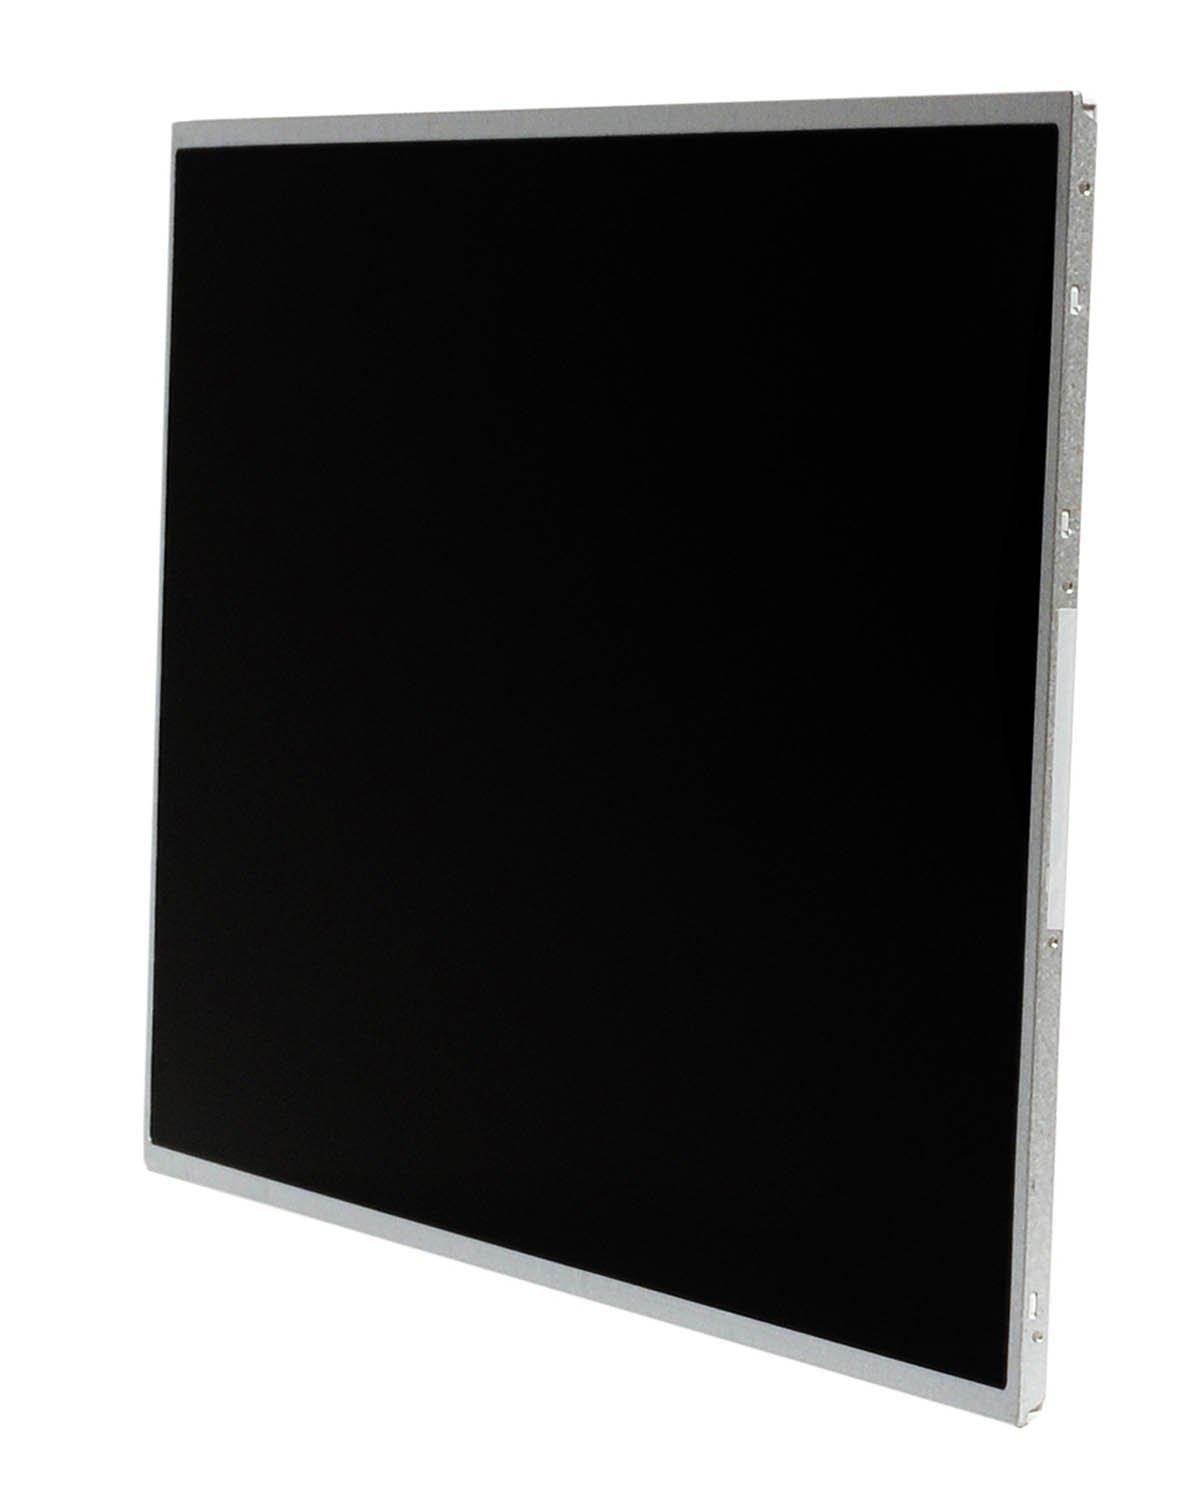 NEW 15.6 WXGA LED LCD SCREEN FOR ASUS A53U-EH11 A53U-XE1 A53S A53E A53U-ES21